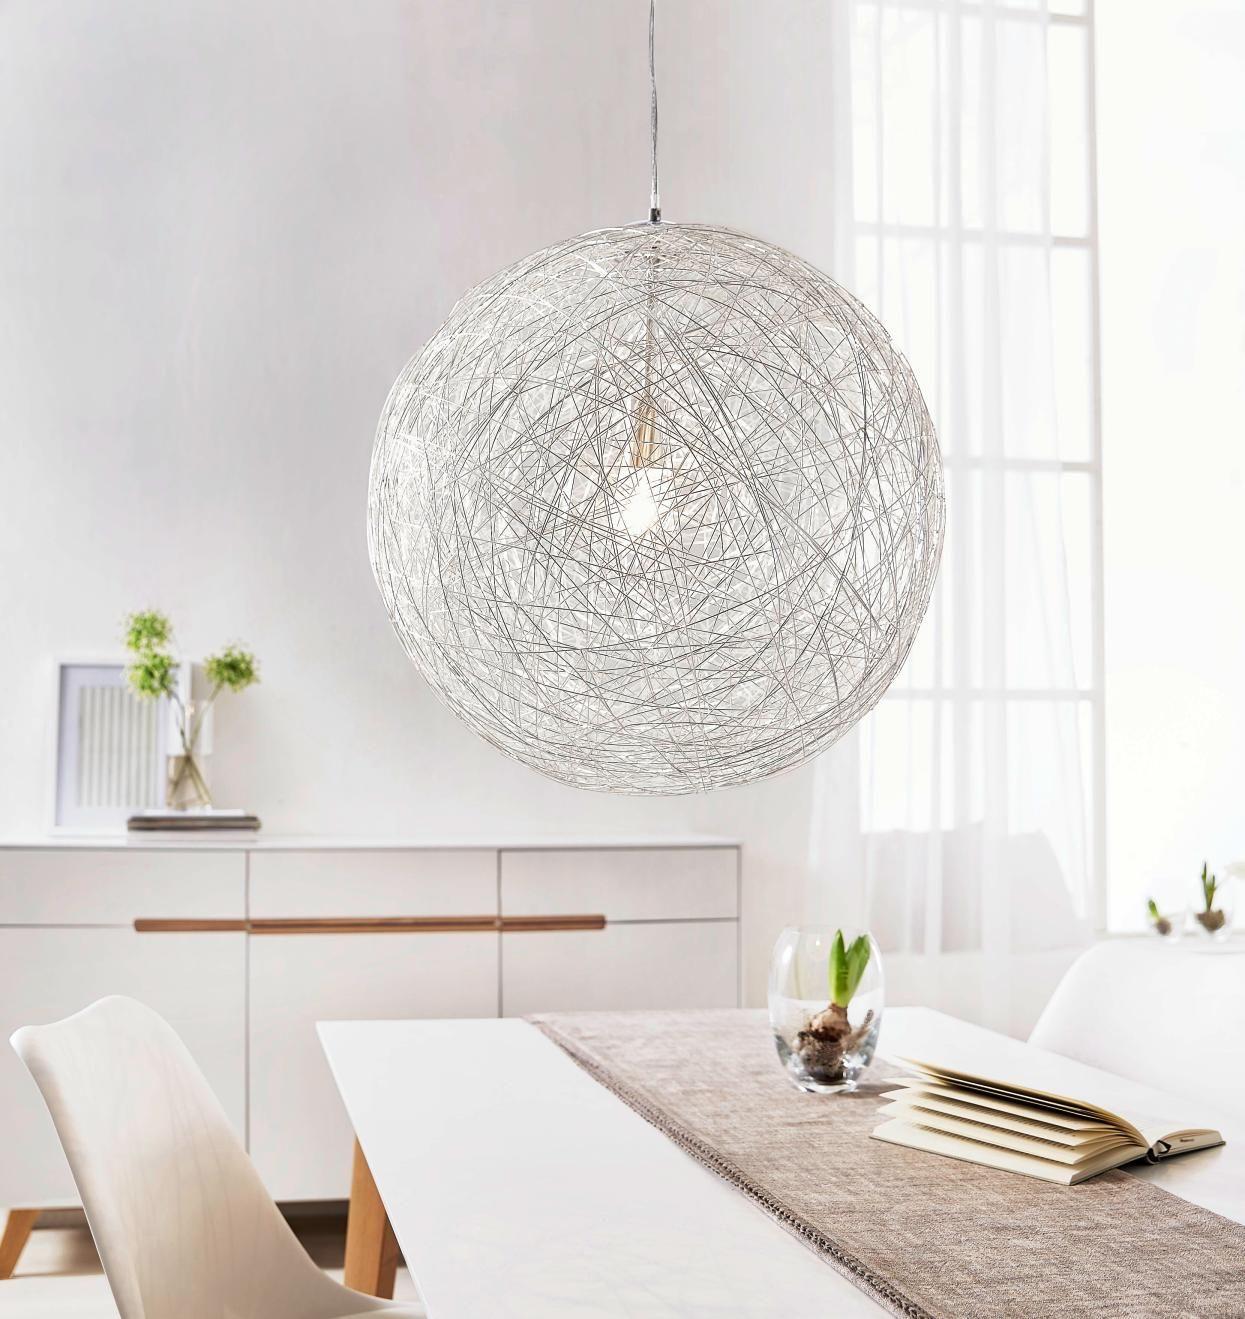 Hängeleuchte | Lampen & Leuchten | Pinterest | Lichtquelle ...